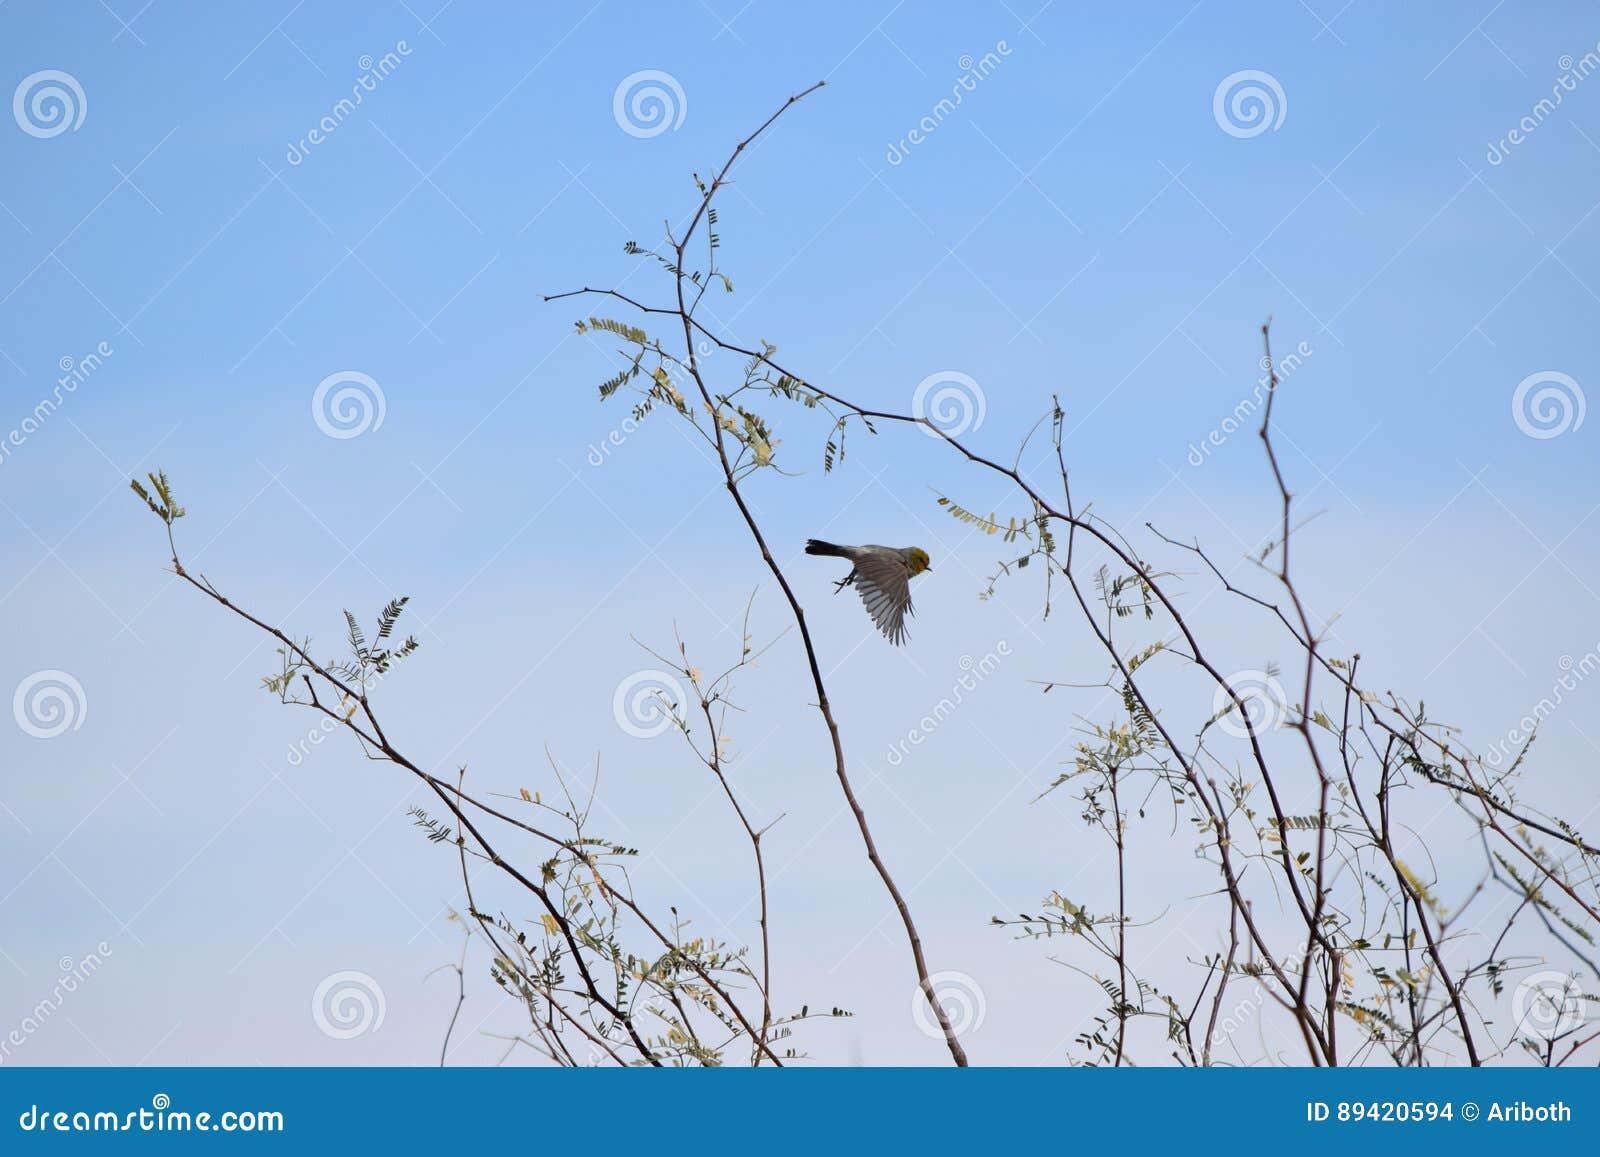 Pássaro em voo acima de uma árvore